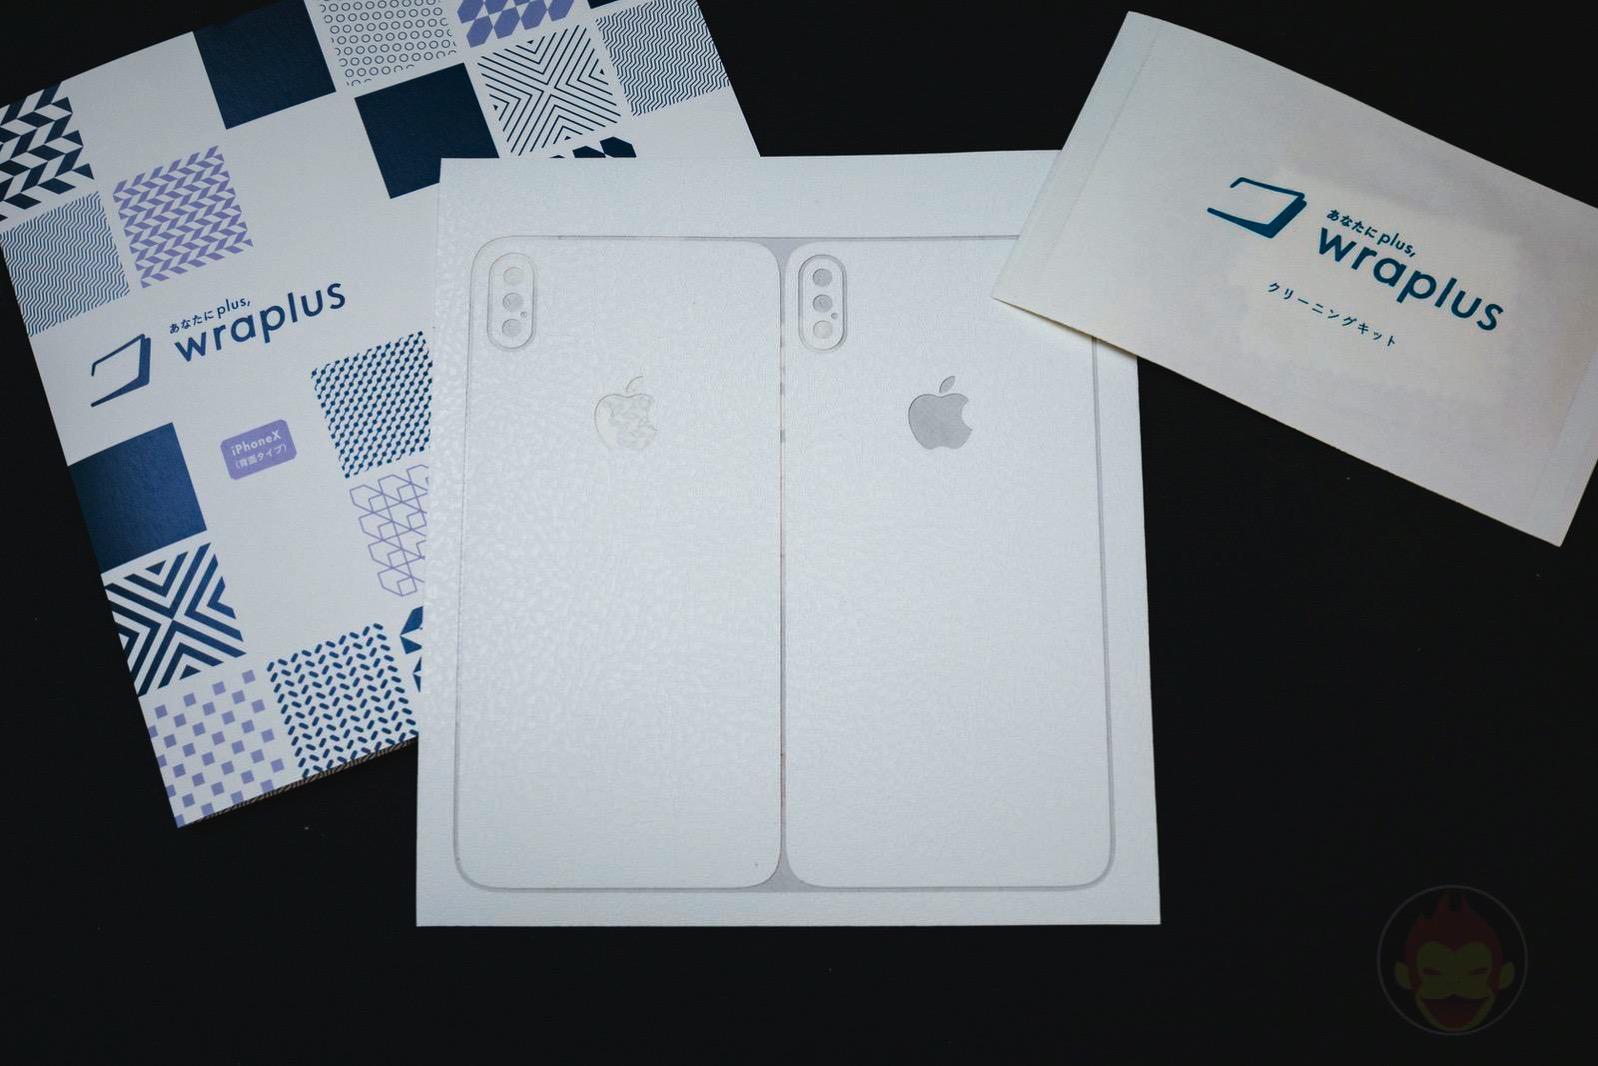 wraplus-white-leather-skin-for-iphonexsmax01.jpg